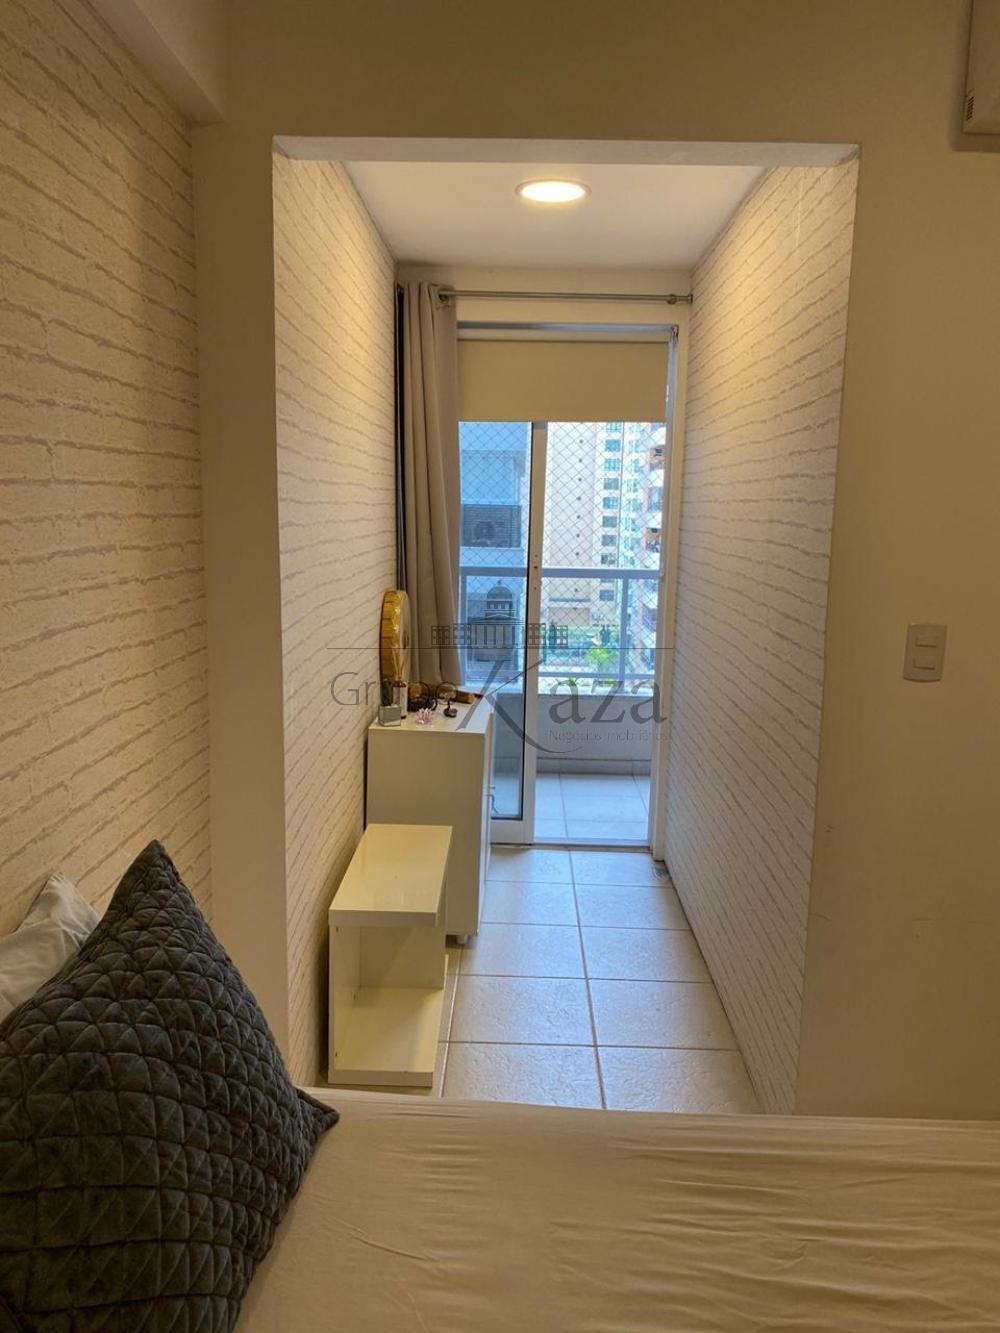 Comprar Apartamento / Padrão em São José dos Campos R$ 690.000,00 - Foto 12